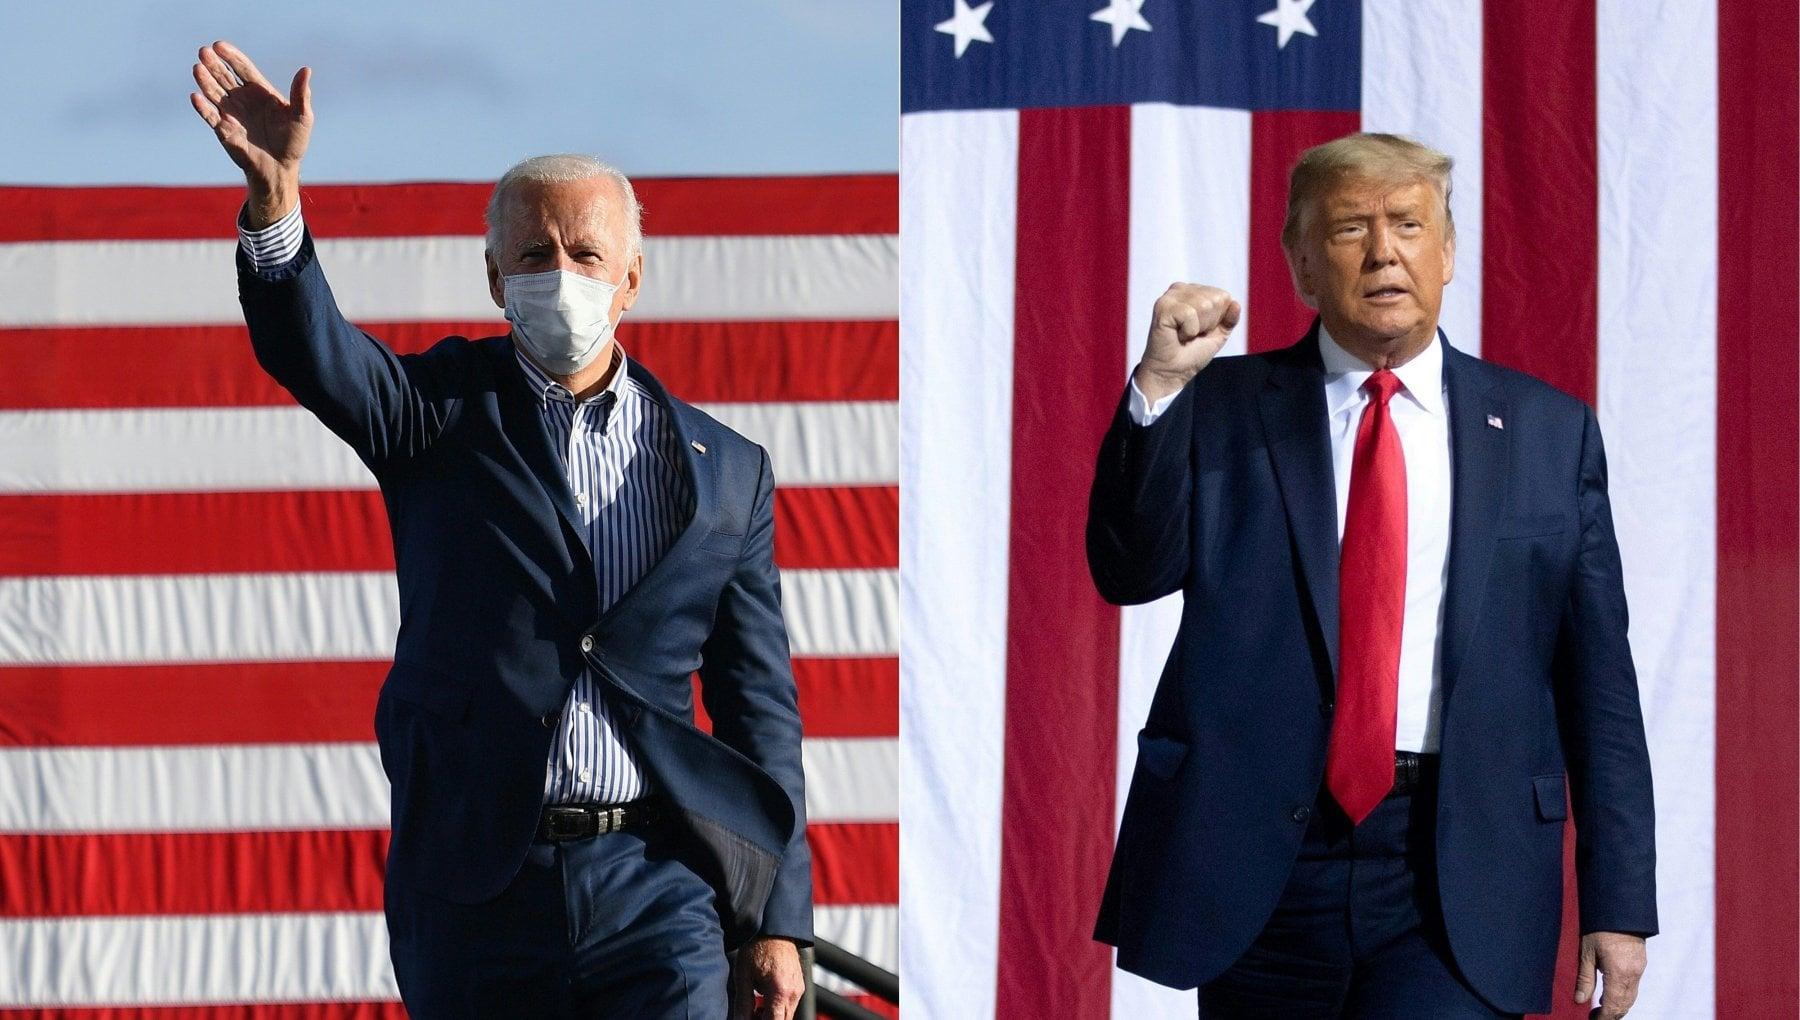 Queste pazze elezioni americane cosi Hollywood le racconterebbe al cinema